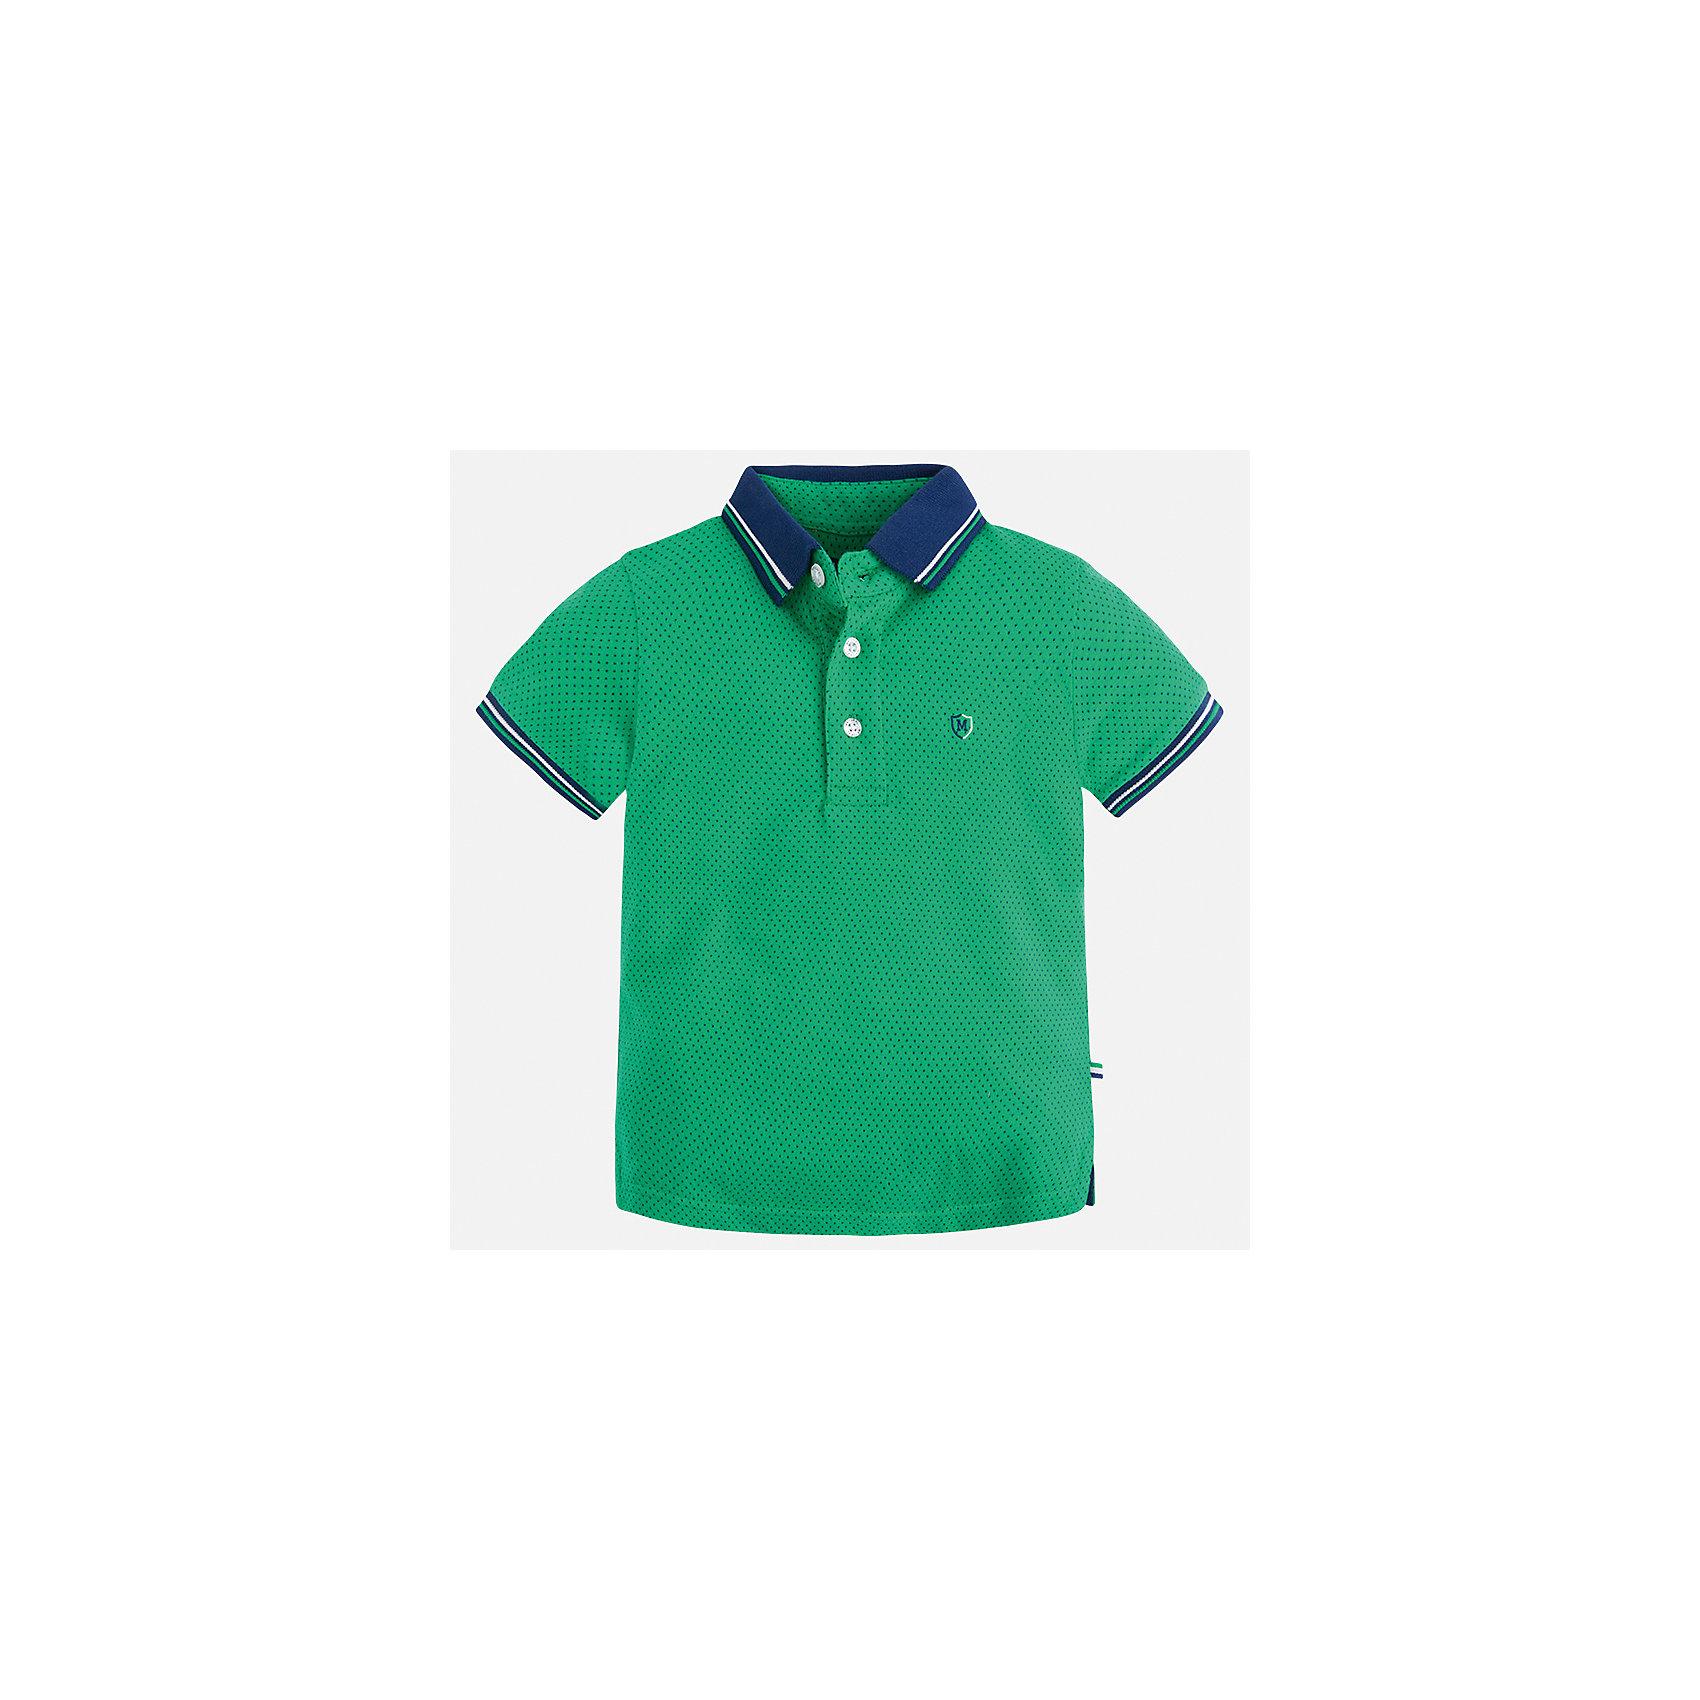 Футболка-поло для мальчика MayoralФутболки, поло и топы<br>Характеристики товара:<br><br>• цвет: зеленый<br>• состав: 100% хлопок<br>• отложной воротник<br>• короткие рукава<br>• застежка: пуговицы<br>• декорирована вышивкой<br>• страна бренда: Испания<br><br>Модная футболка-поло для мальчика может стать базовой вещью в гардеробе ребенка. Она отлично сочетается с брюками, шортами, джинсами и т.д. Универсальный крой и цвет позволяет подобрать к вещи низ разных расцветок. Практичное и стильное изделие! В составе материала - только натуральный хлопок, гипоаллергенный, приятный на ощупь, дышащий.<br><br>Одежда, обувь и аксессуары от испанского бренда Mayoral полюбились детям и взрослым по всему миру. Модели этой марки - стильные и удобные. Для их производства используются только безопасные, качественные материалы и фурнитура. Порадуйте ребенка модными и красивыми вещами от Mayoral! <br><br>Футболку-поло для мальчика от испанского бренда Mayoral (Майорал) можно купить в нашем интернет-магазине.<br><br>Ширина мм: 199<br>Глубина мм: 10<br>Высота мм: 161<br>Вес г: 151<br>Цвет: зеленый<br>Возраст от месяцев: 48<br>Возраст до месяцев: 60<br>Пол: Мужской<br>Возраст: Детский<br>Размер: 110,122,98,134,116,92,104,128<br>SKU: 5271886